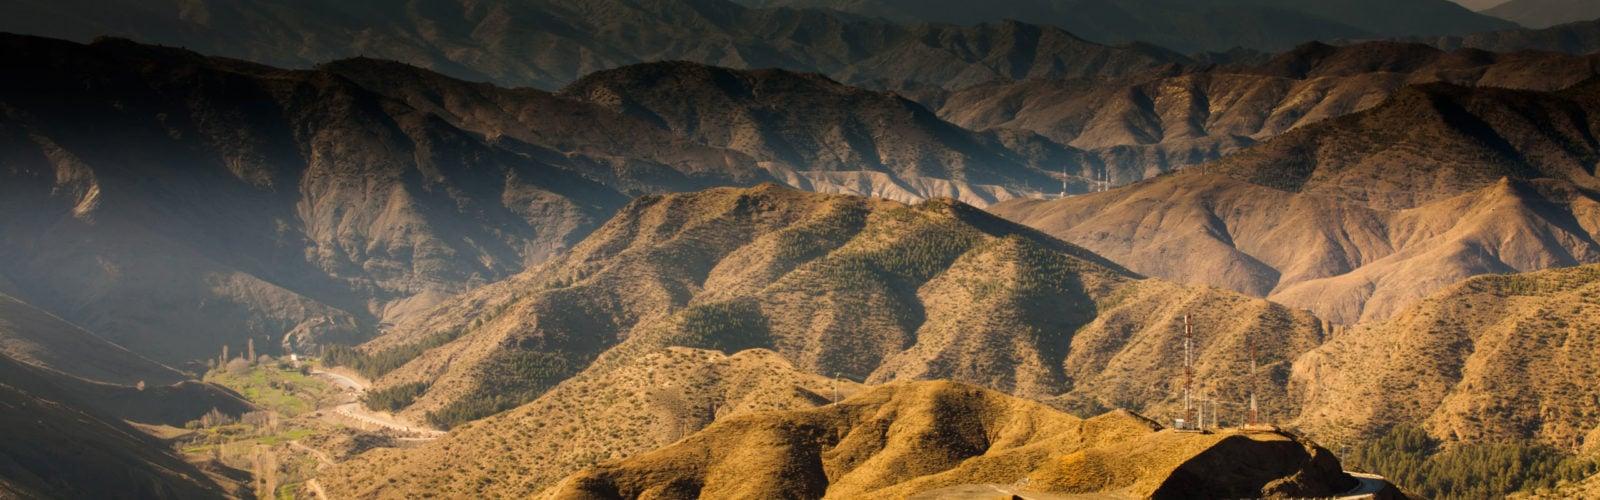 high-atlas-mountains-morocco